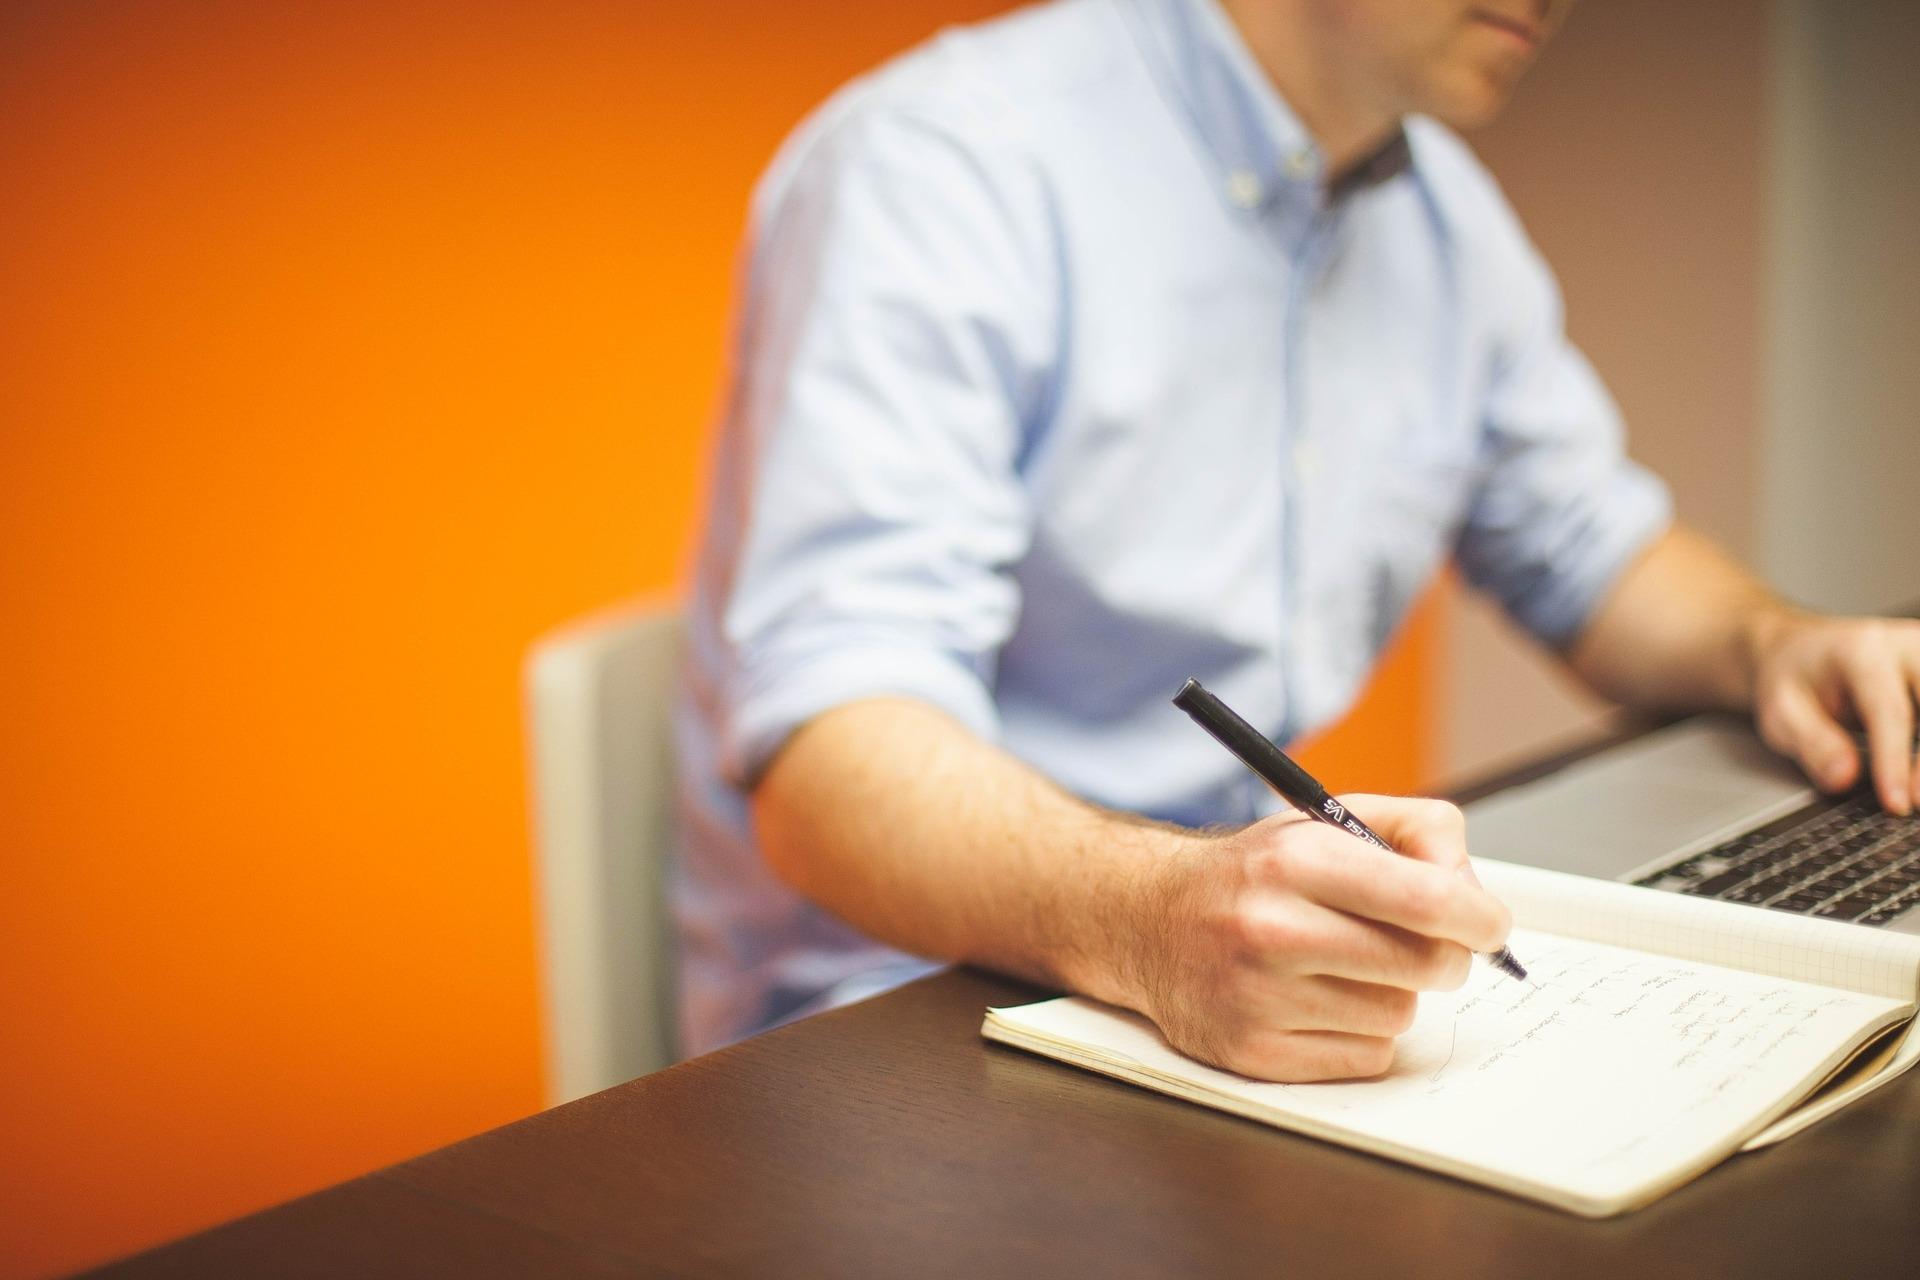 阅文发布新版合同:明确作者受益 免费/收费模式自主选择